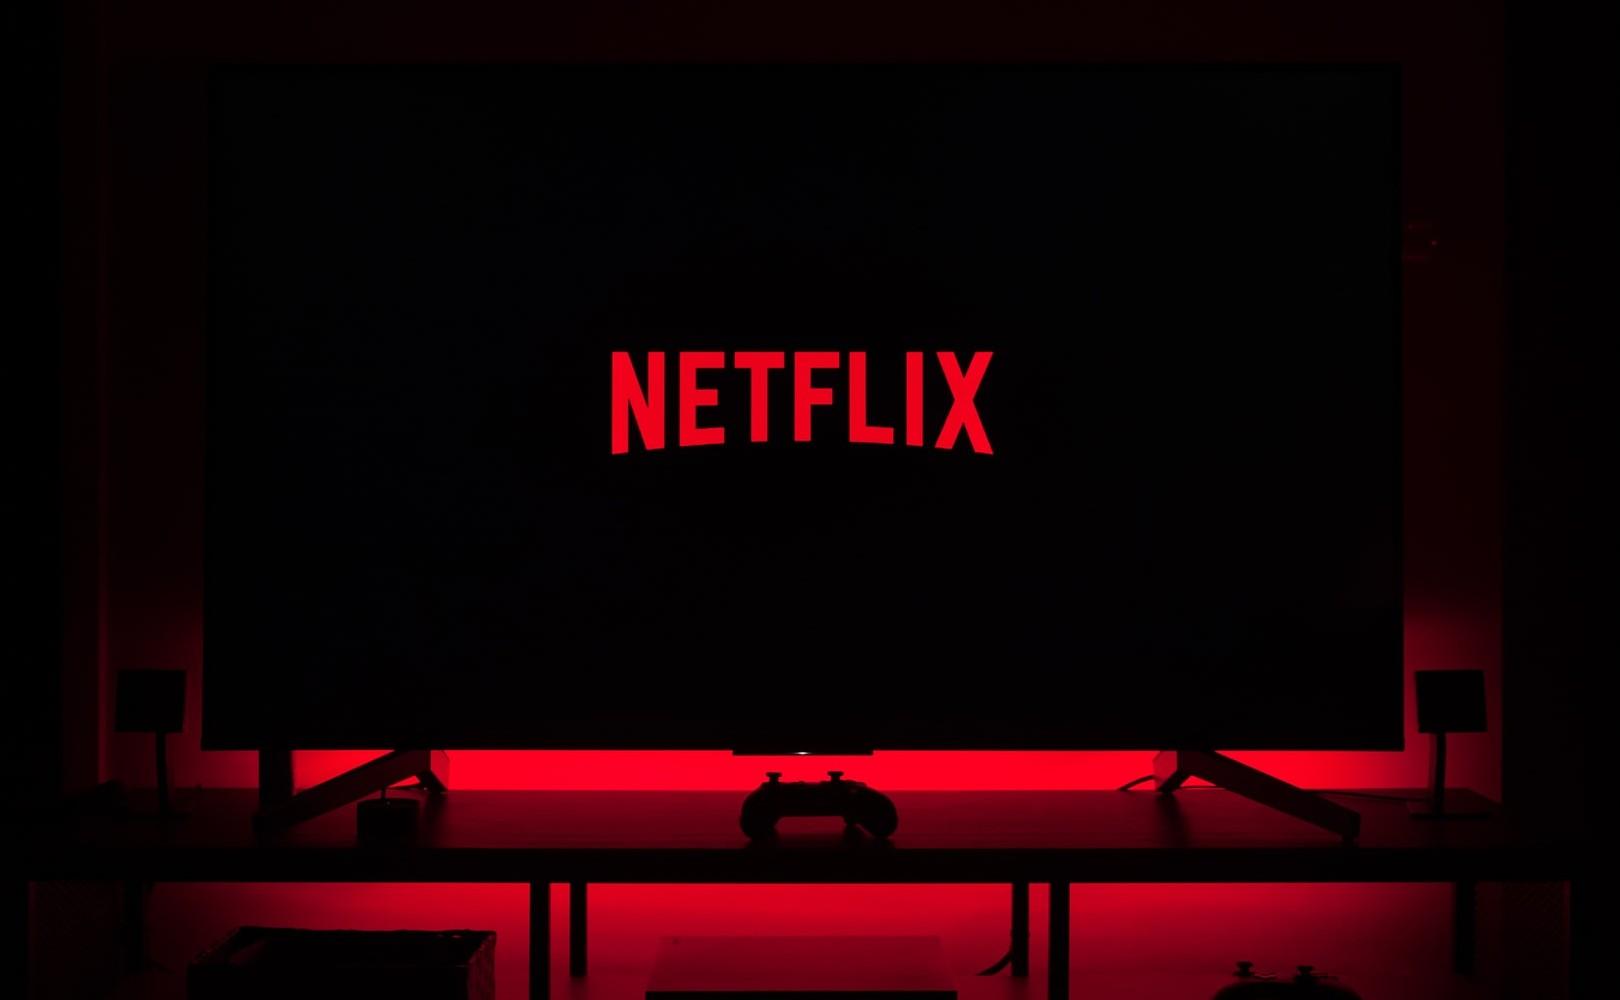 Dzielenie Konta Na Netflix Bedzie Utrudnione